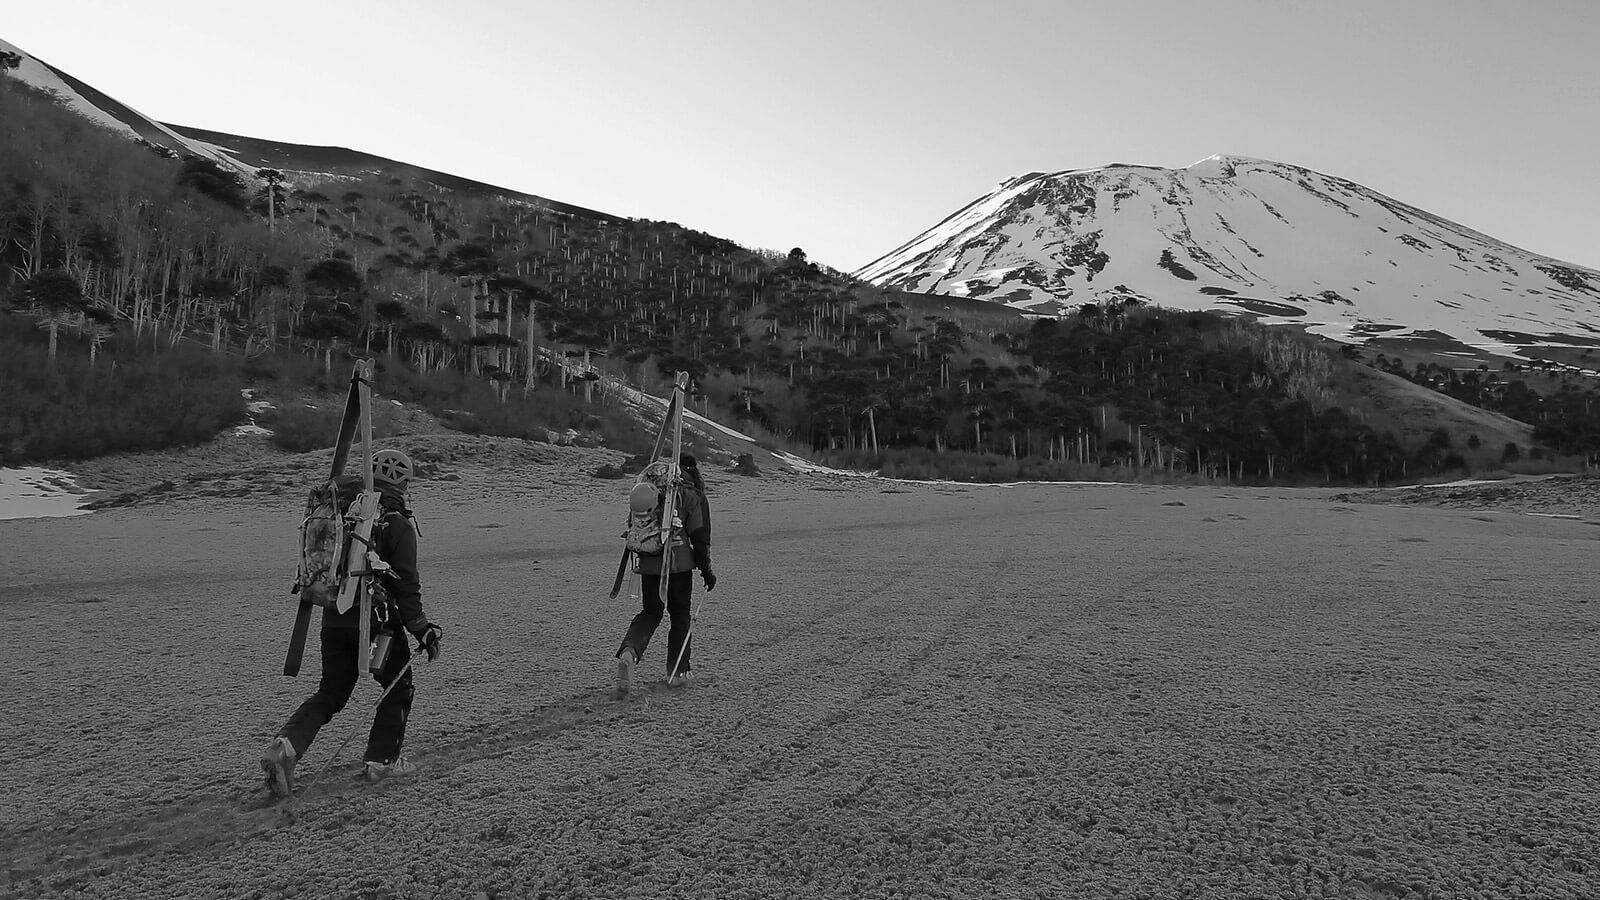 ingresar ficha catastro nacional acceso a la montaña fundacion plantae